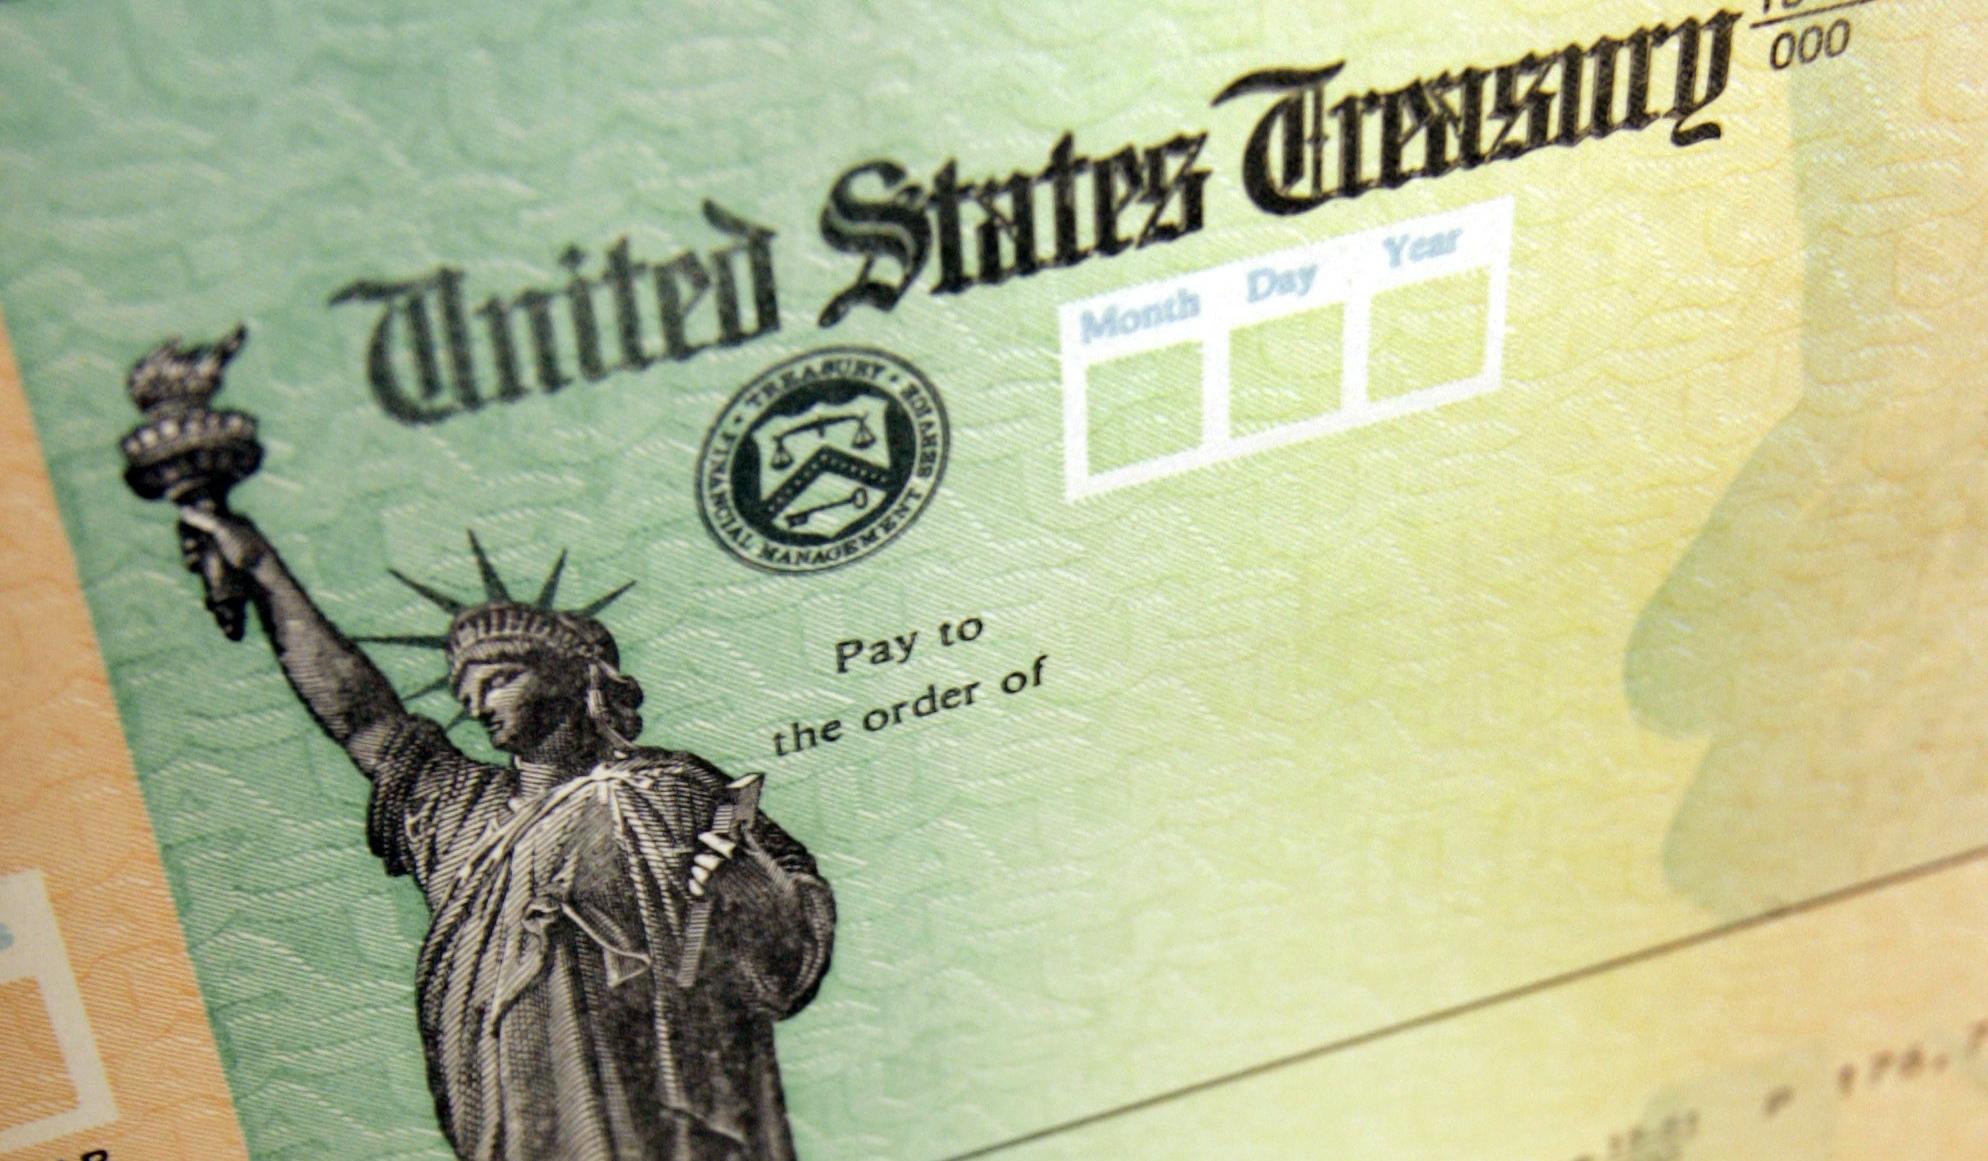 A stimulus check